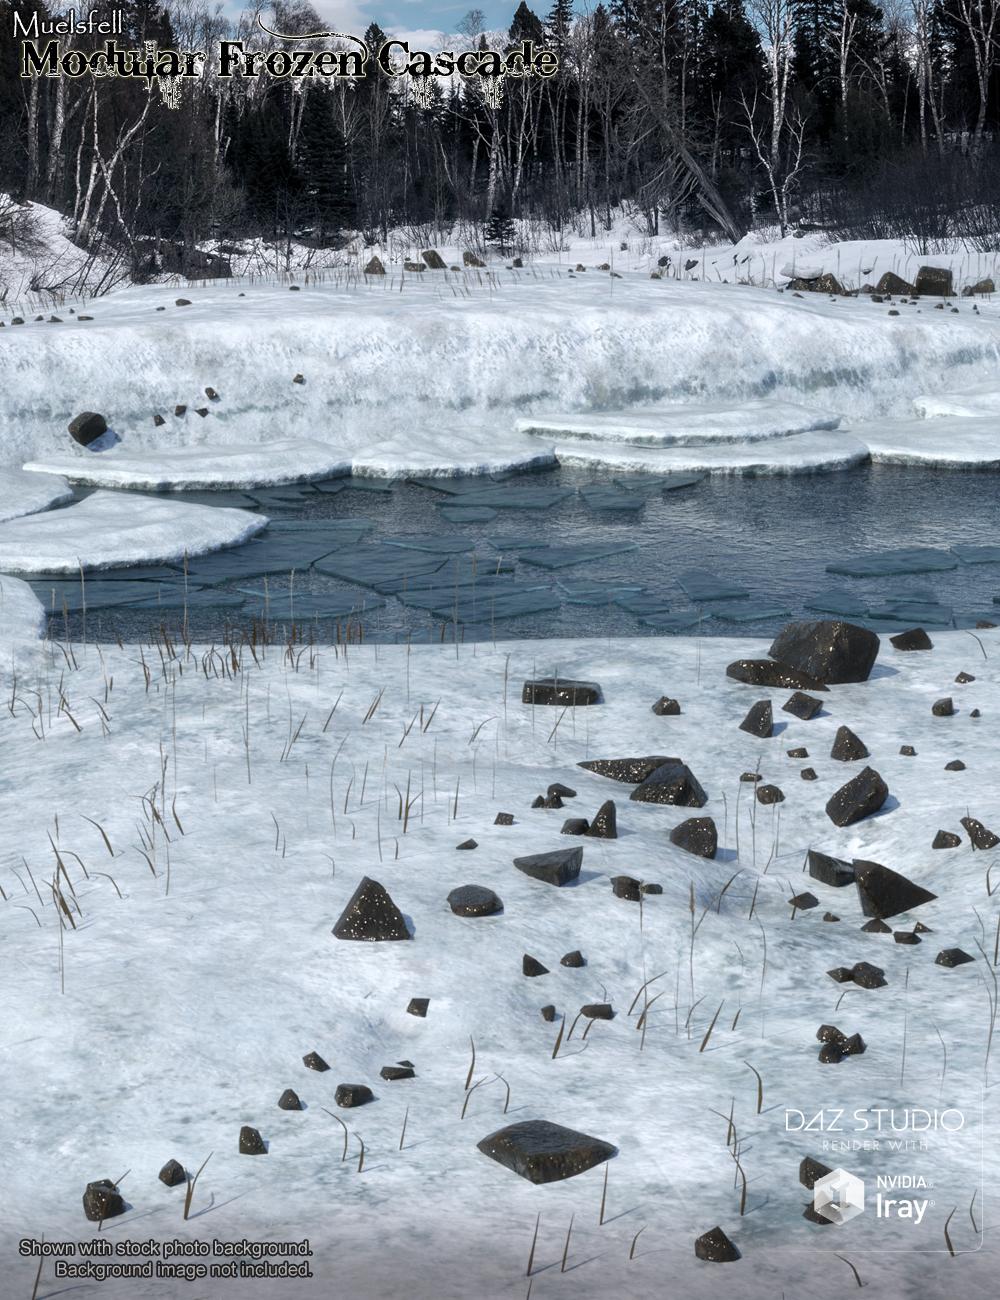 Muelsfell Modular Frozen Cascade by: E-Arkham, 3D Models by Daz 3D